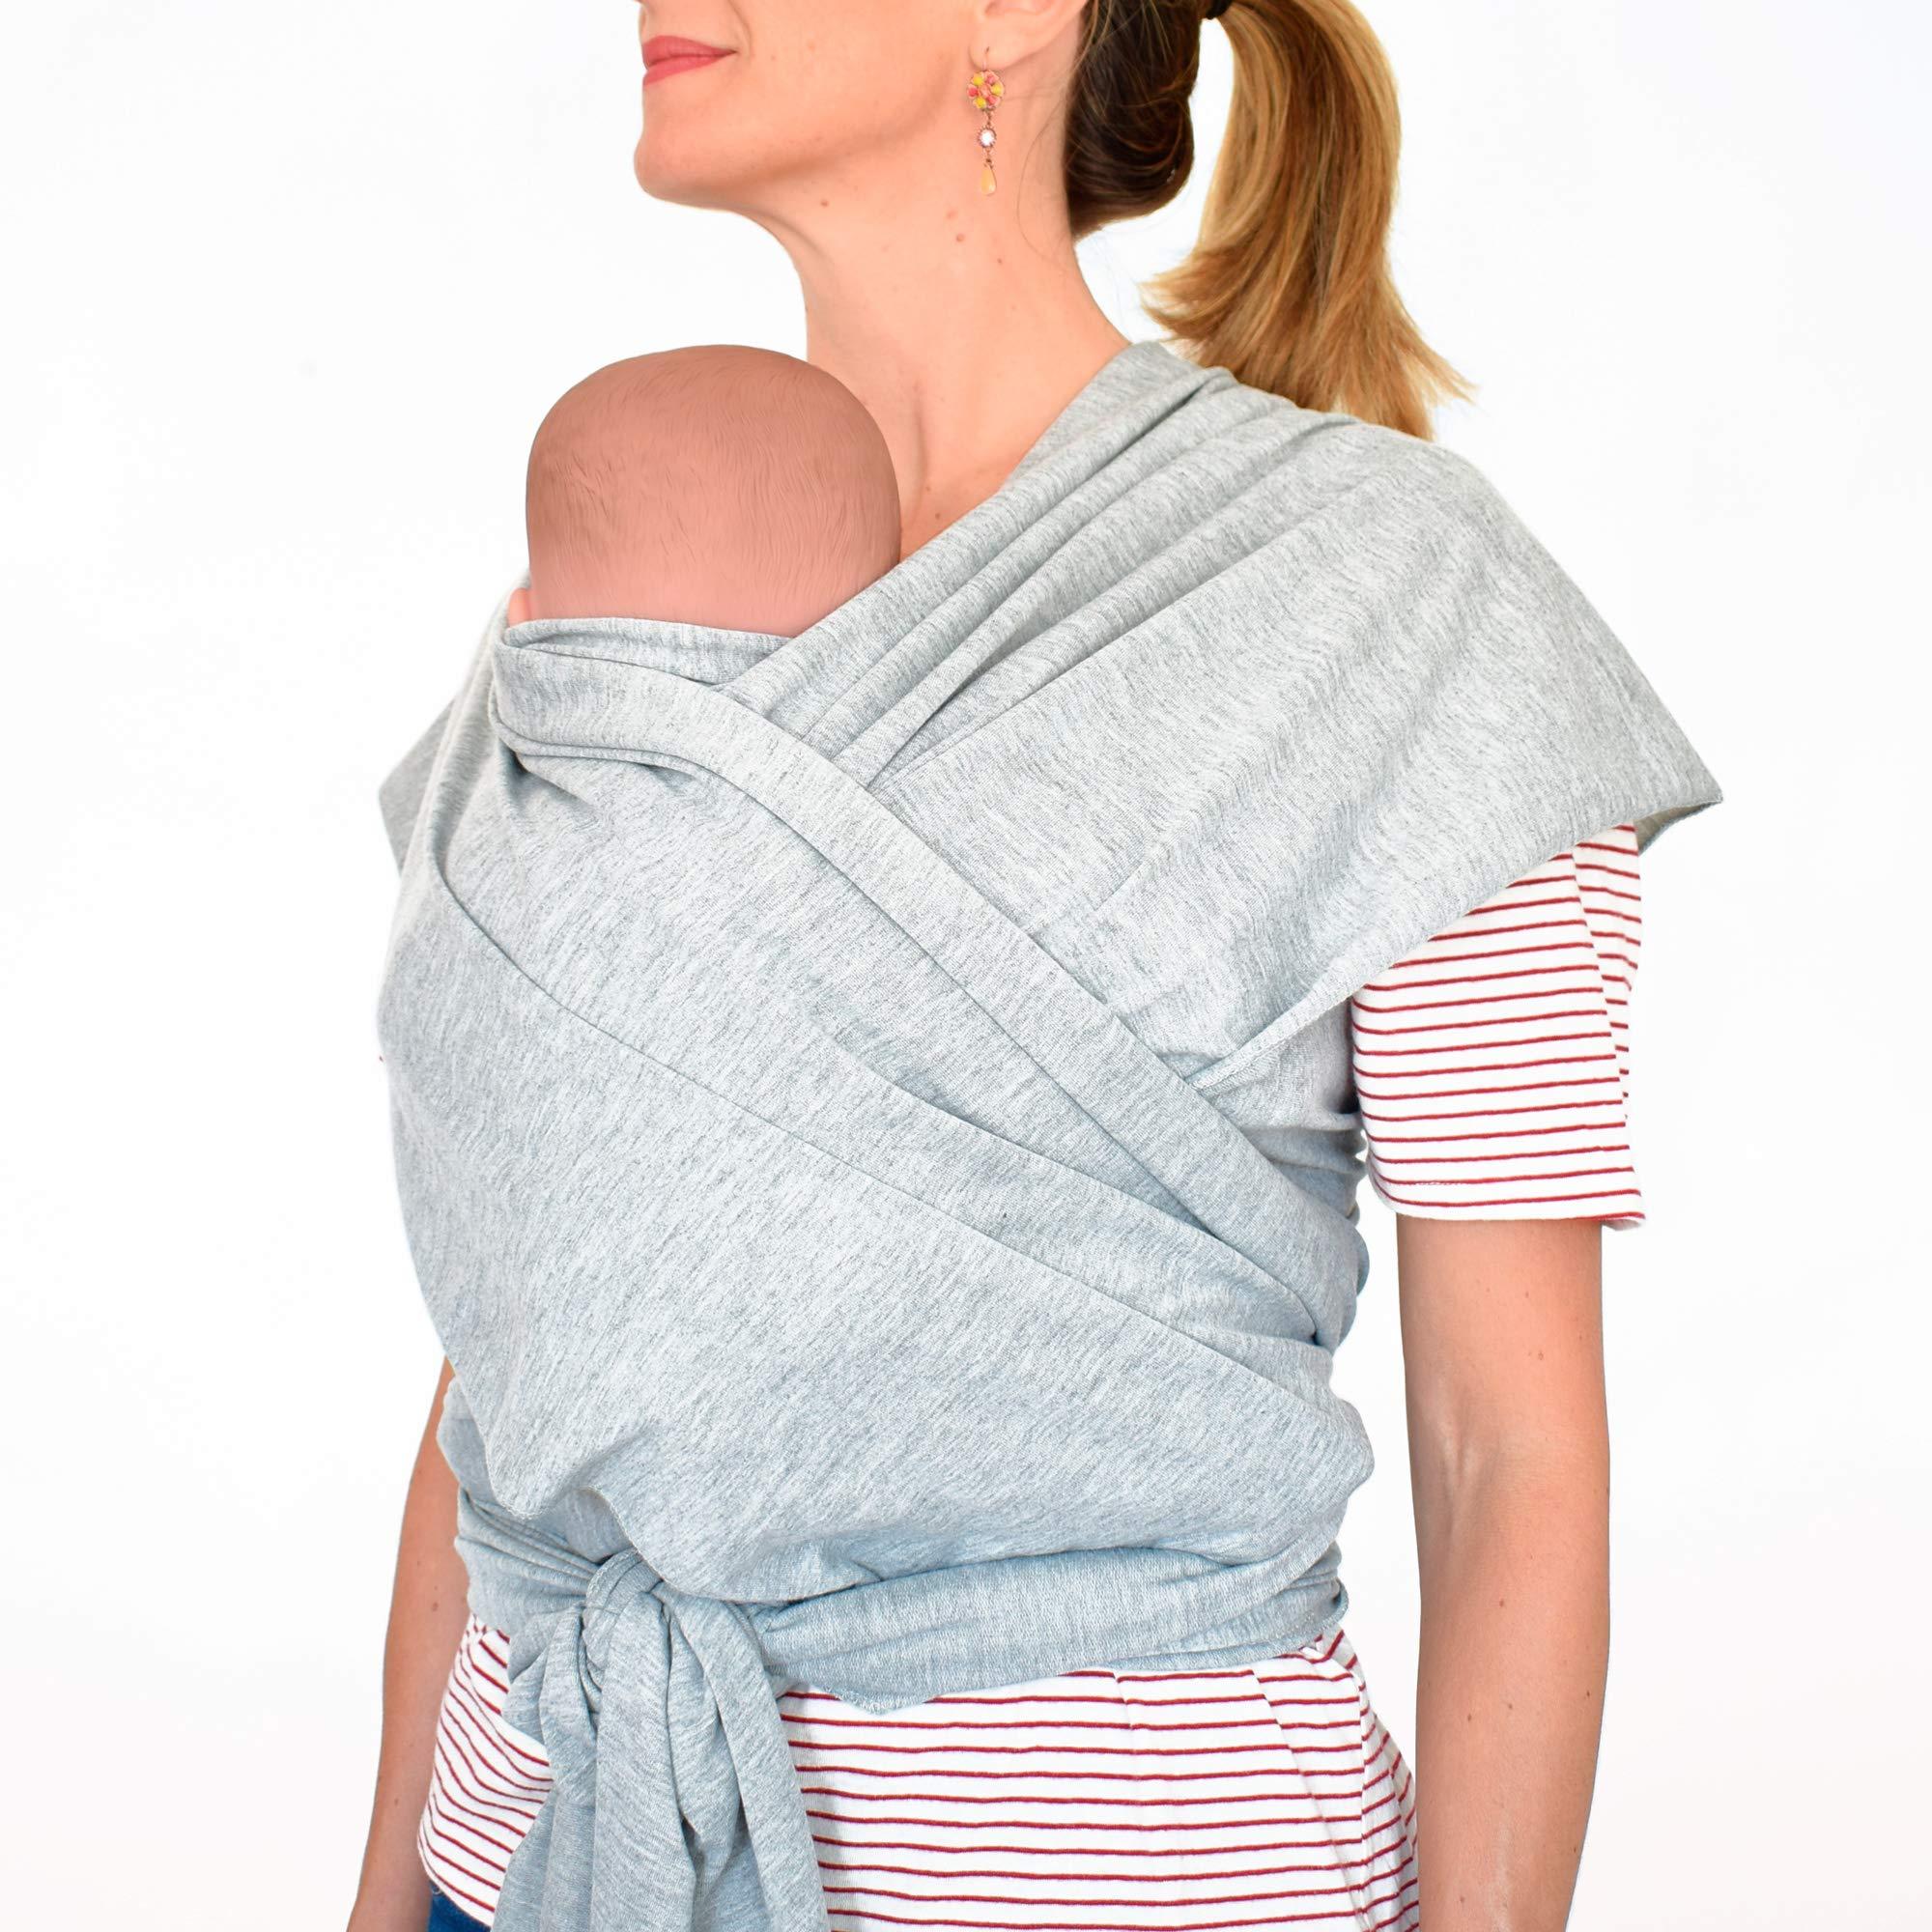 Fular portabebés 100% de algodón- Amplio tamaño - Porteo seguro y ergonómico durante la